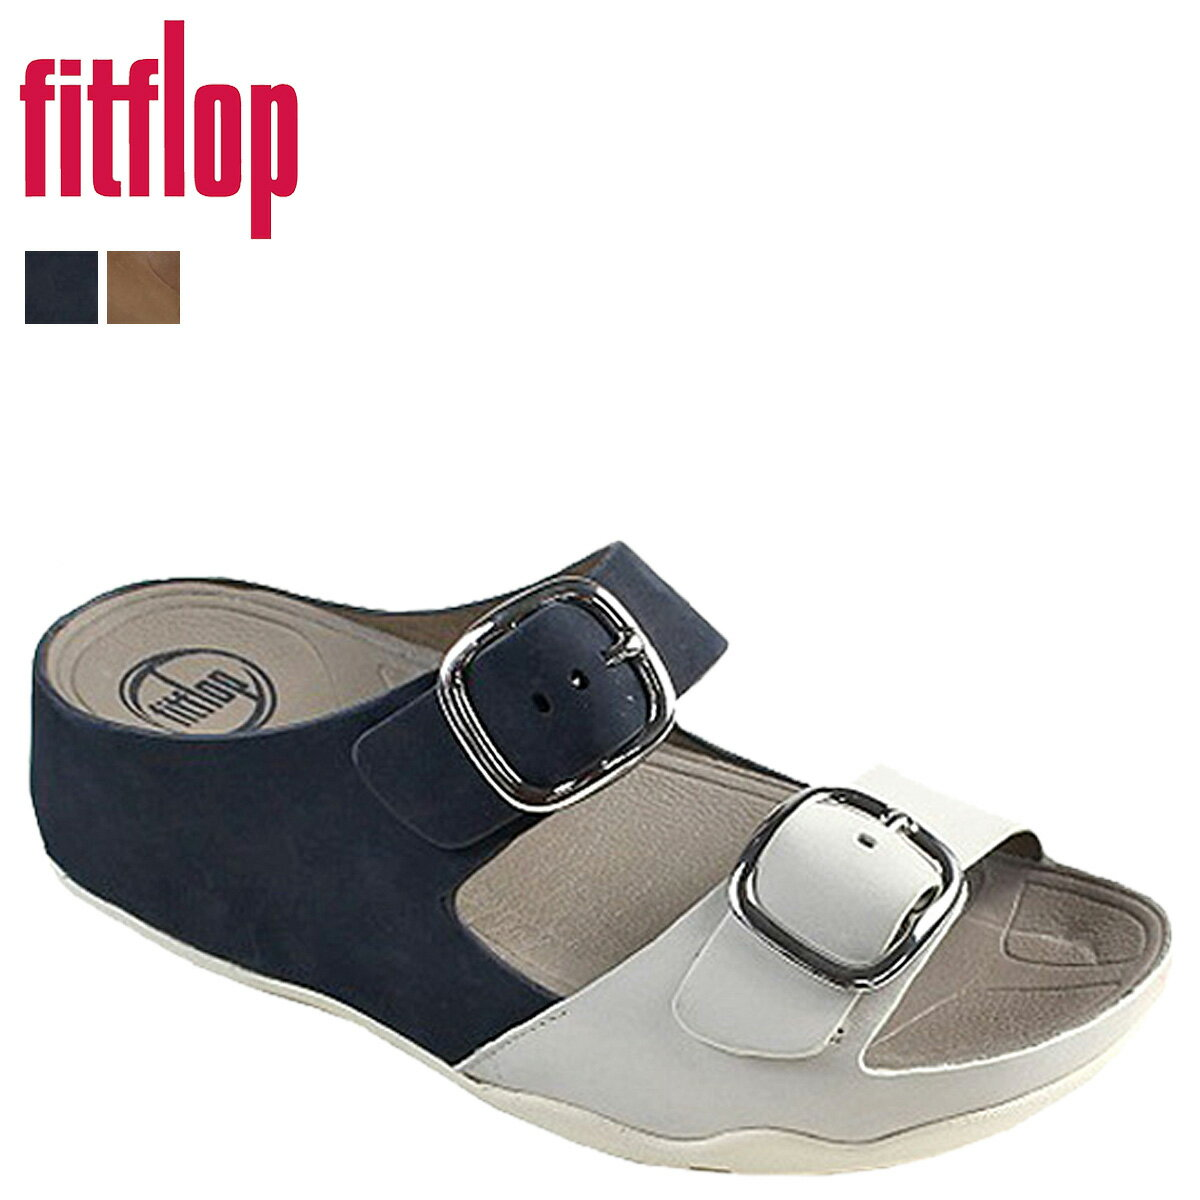 21dfff7b9 Fitflop Store Saudi Arabia